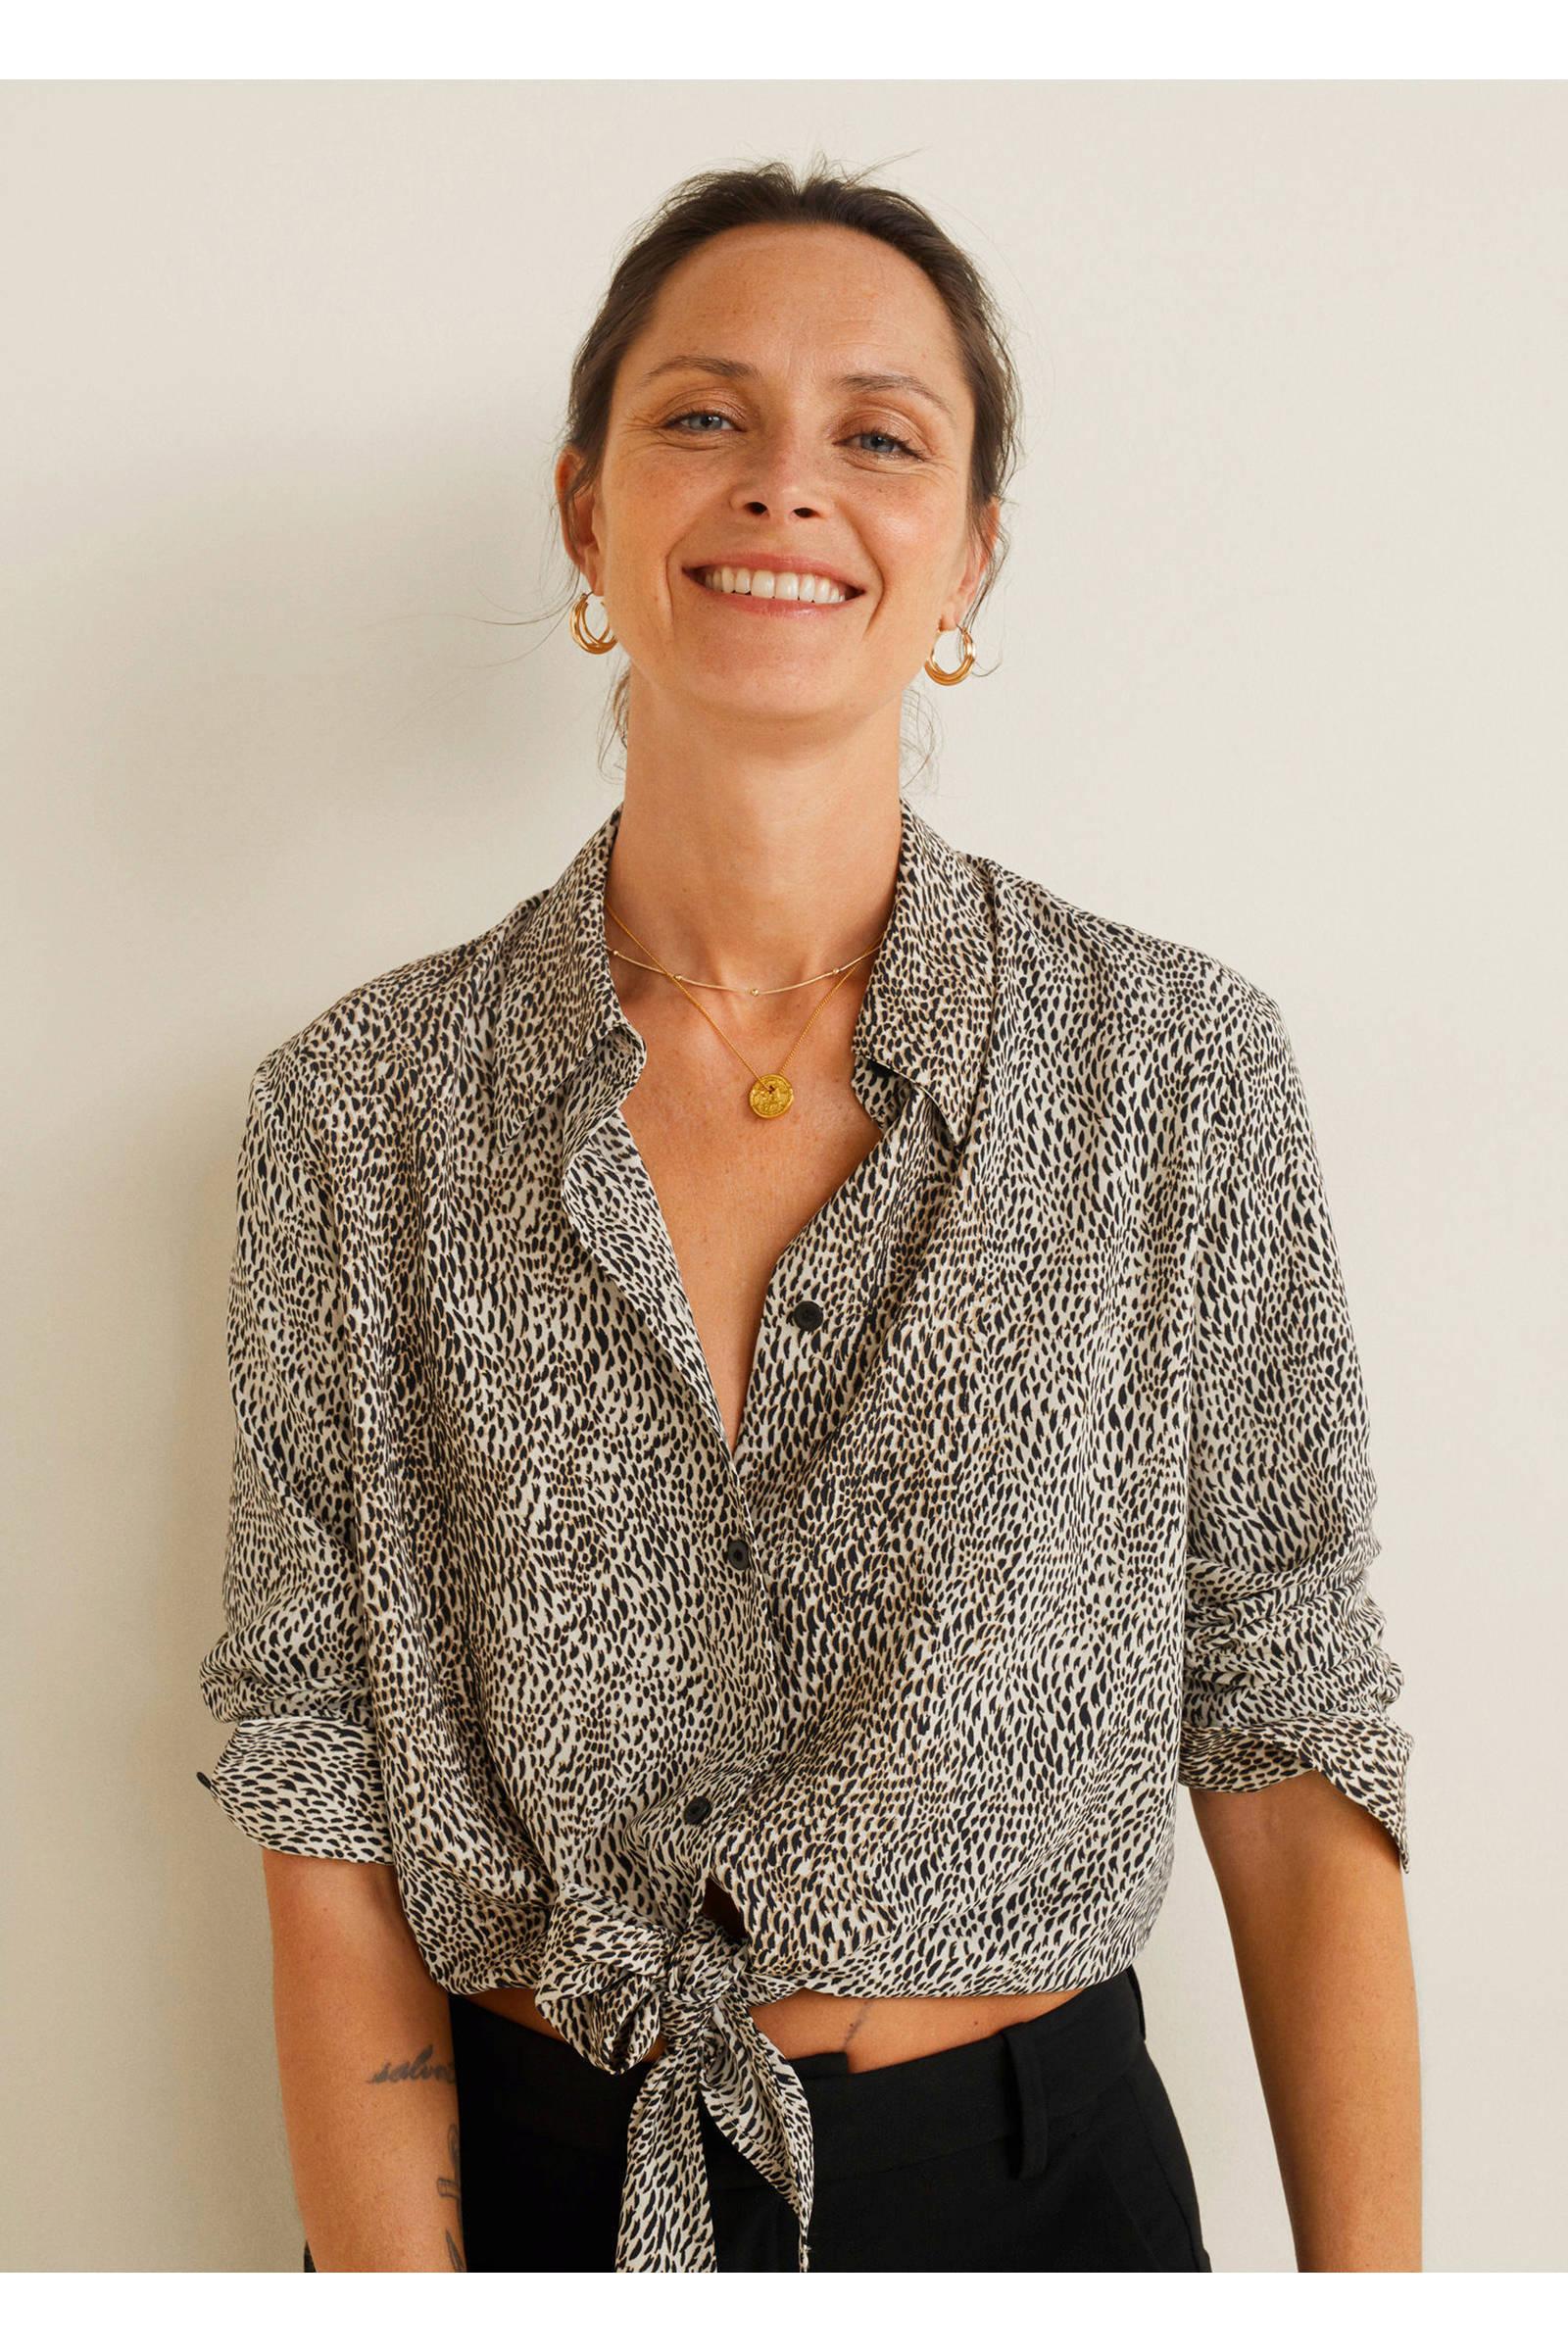 blouse blouse Mango strikdetail Mango met Mango strikdetail met wtq41xXPU